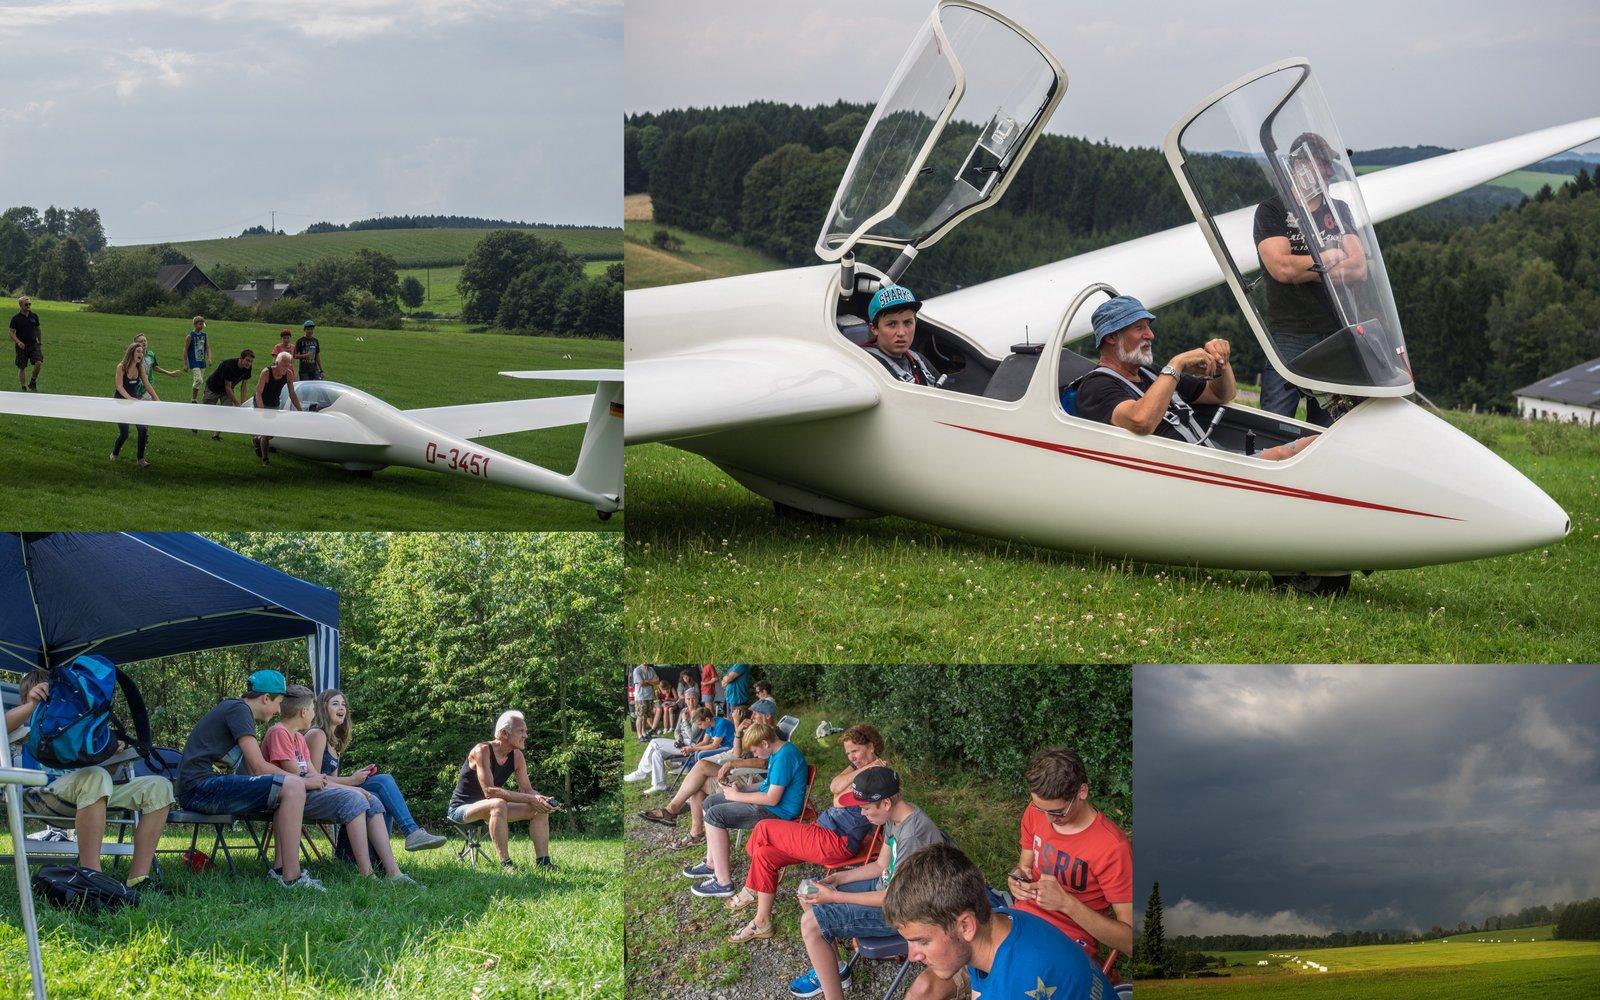 Ferienspaß 2014 auf dem Segelflugplatz Lindlar